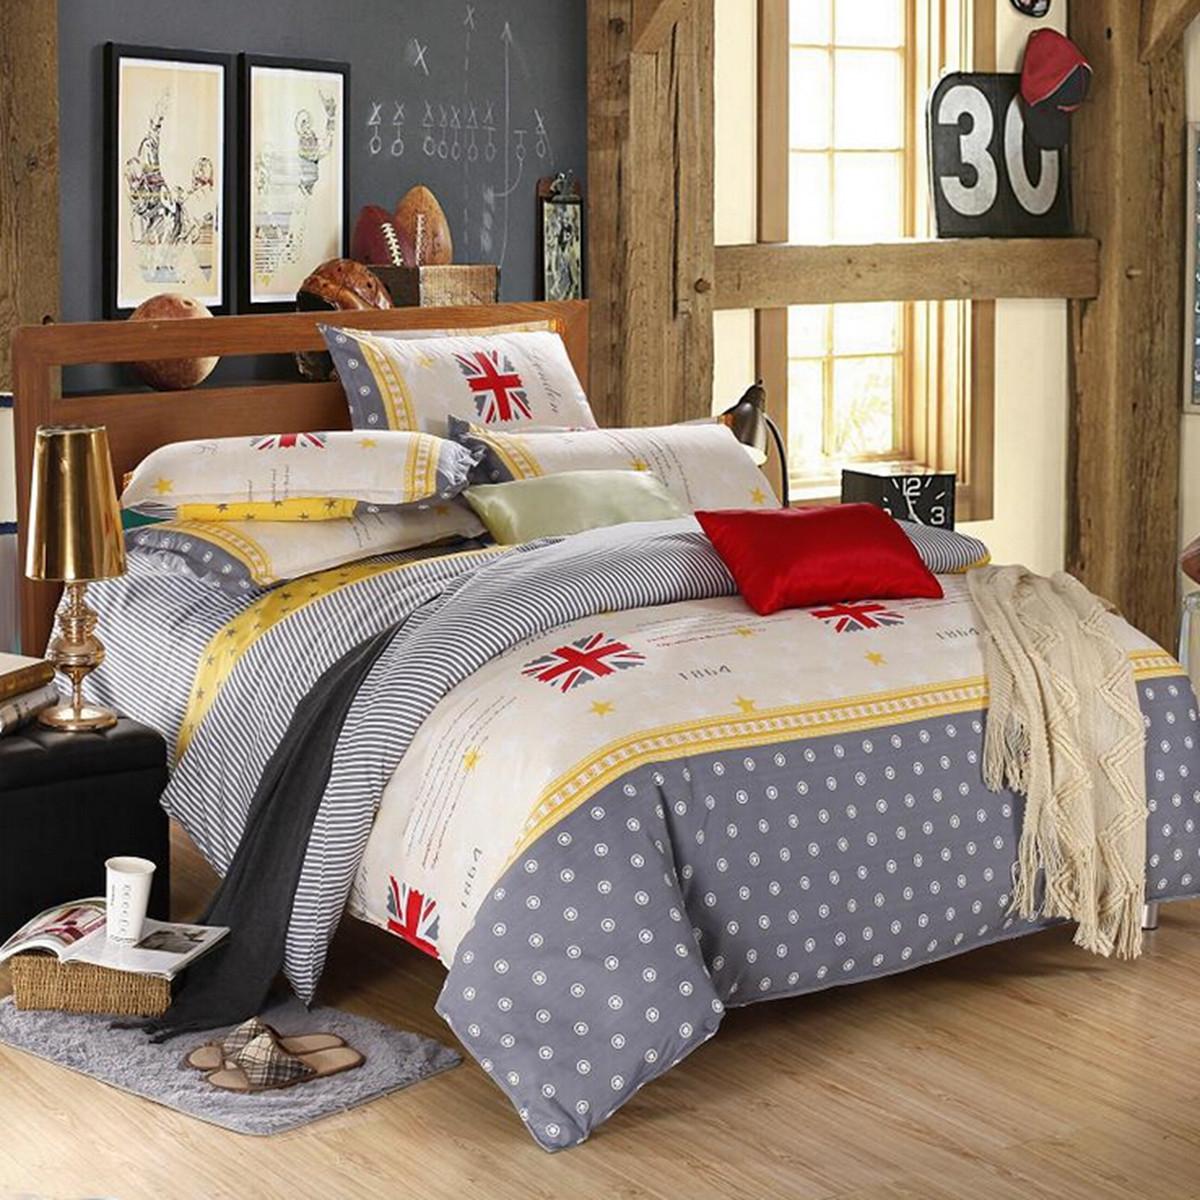 Polyester Single Queen King Size England Flag Reactive Bedding Sets Bed Sheet Duvet Cover Pillowcase